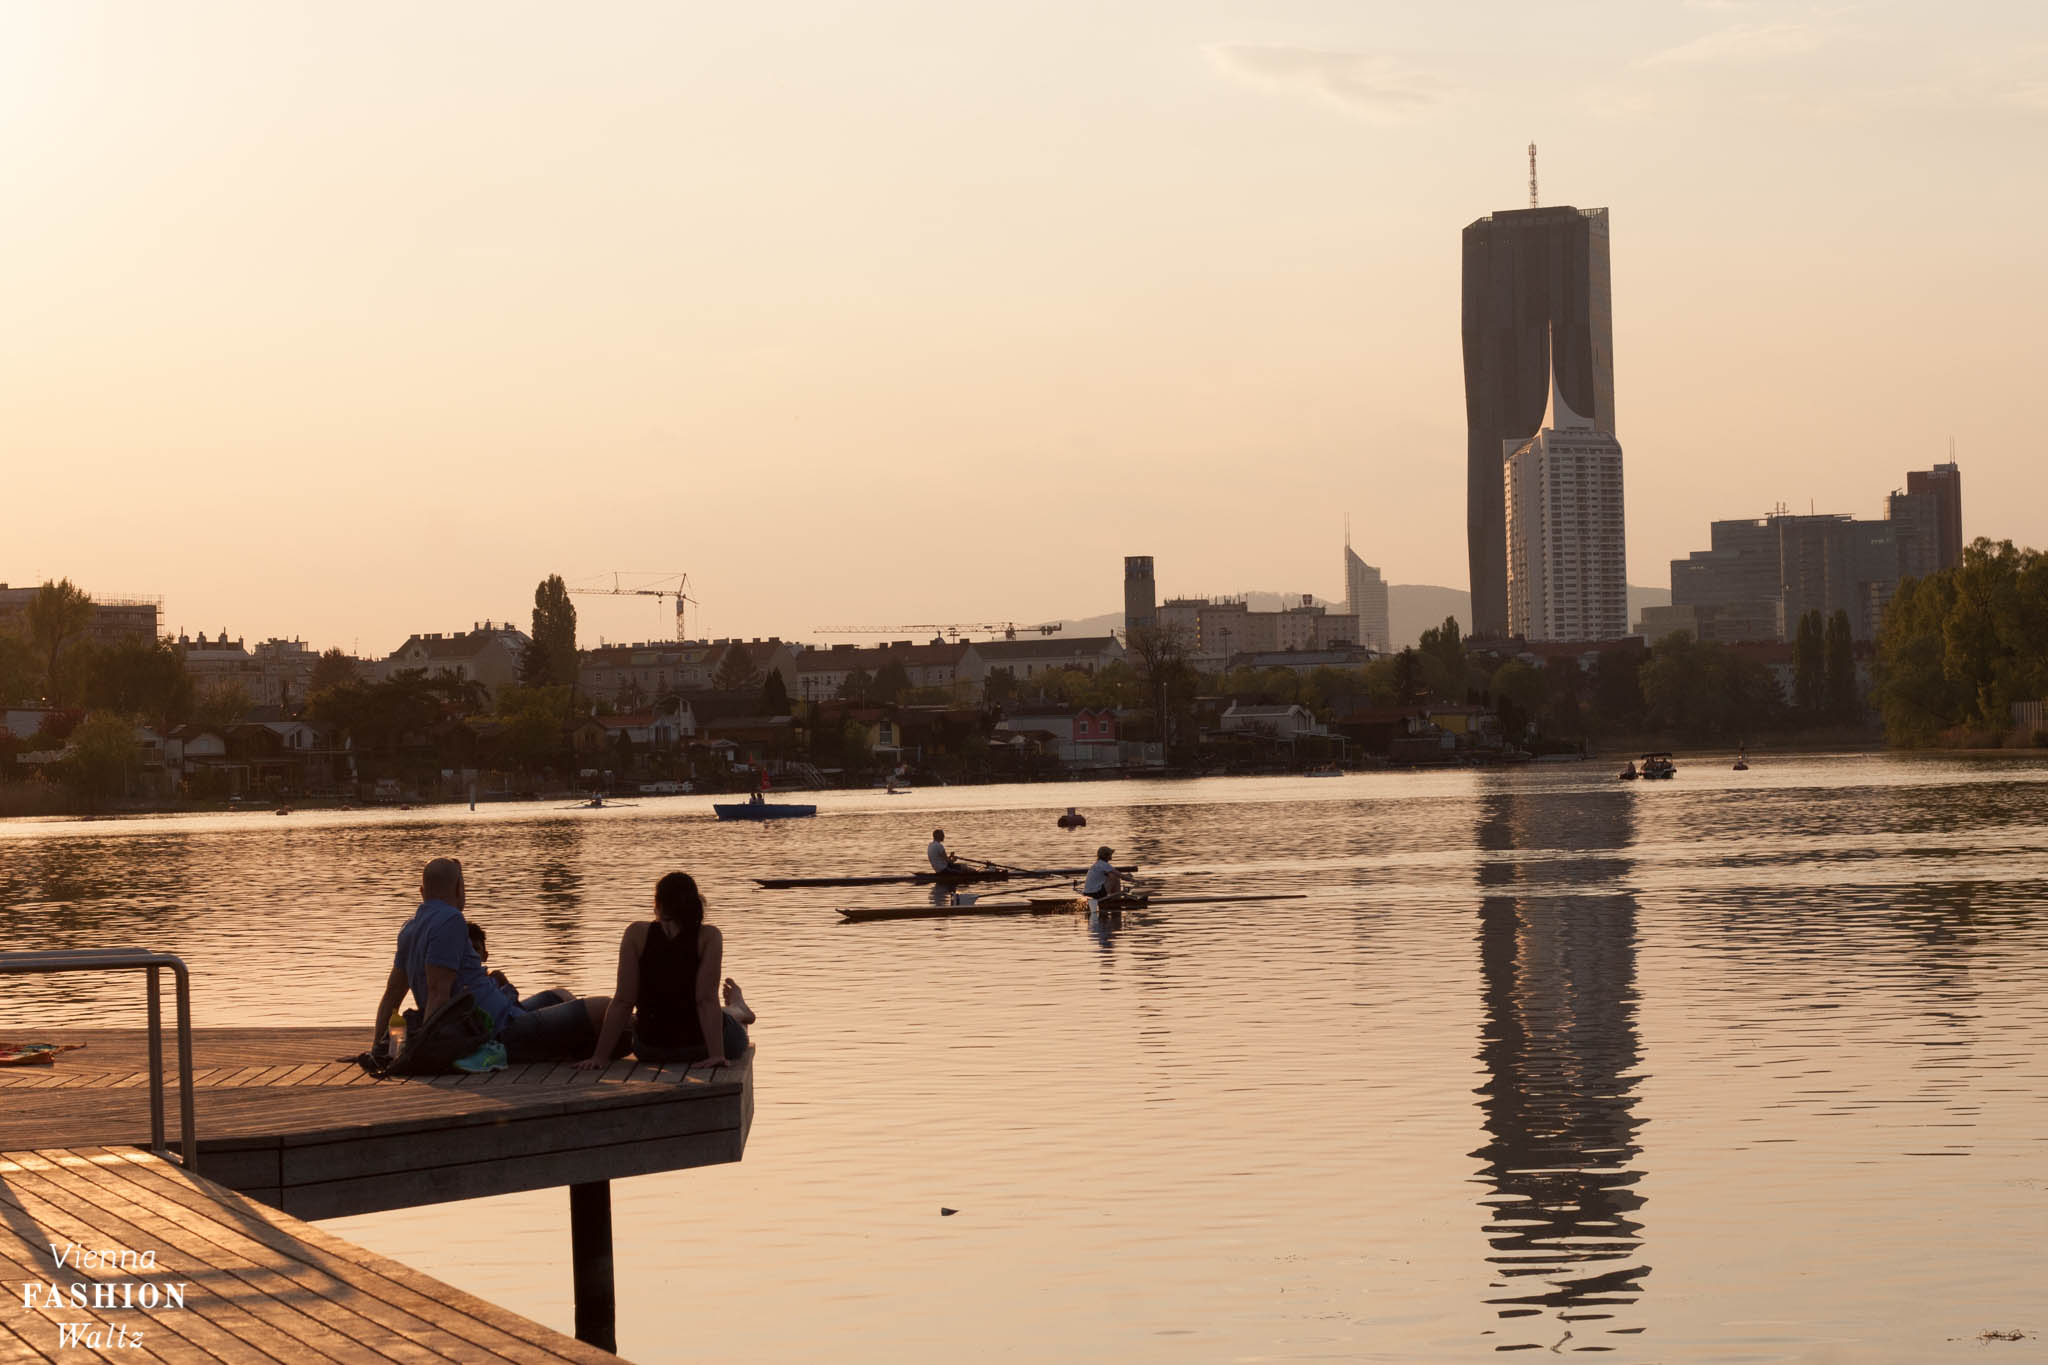 die besten Badeplätze in Wien, Schwimmen in Wien